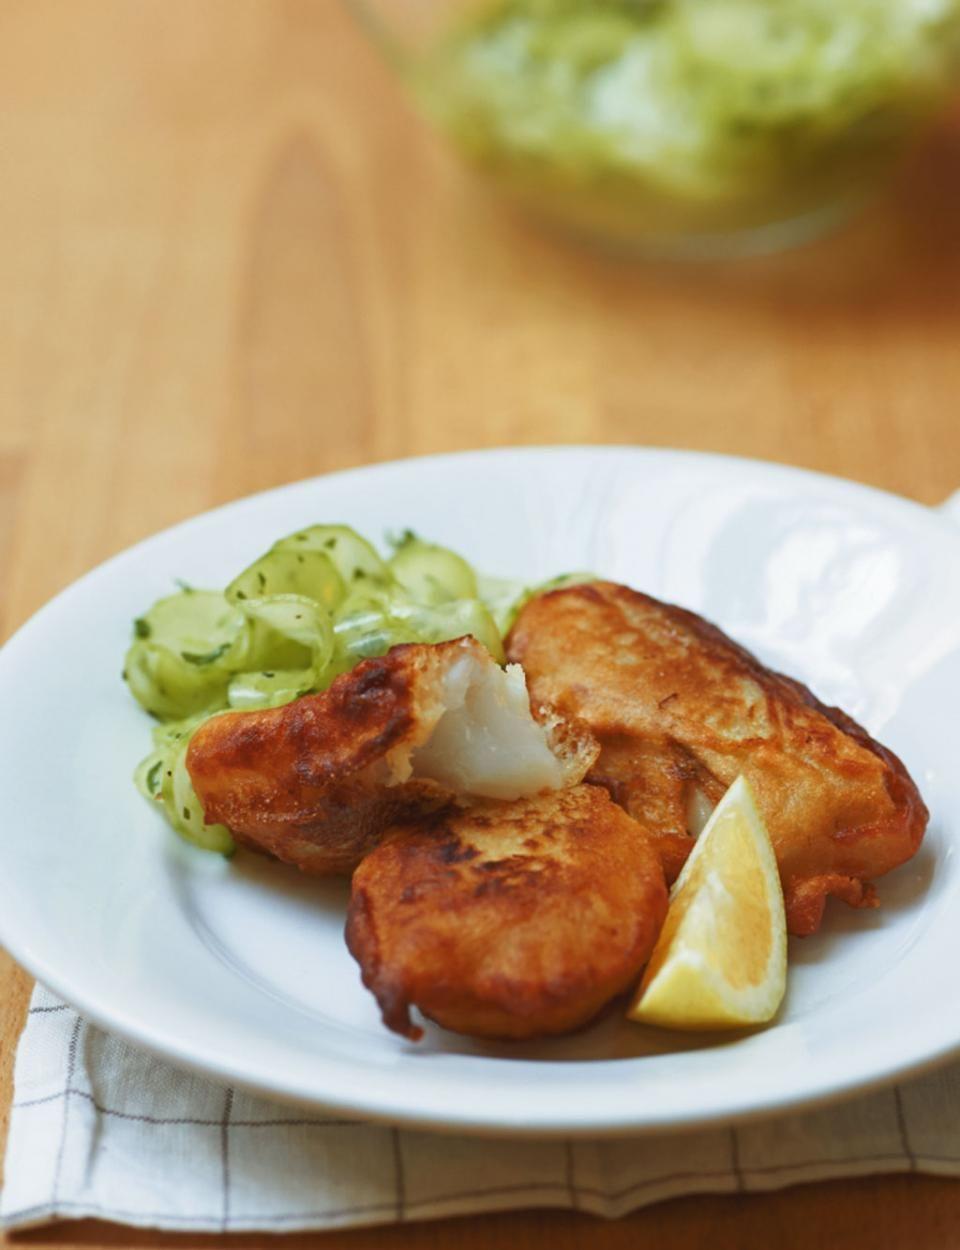 7d98fa779521b8c5d21da5a0cdd5c8da - Backfisch Rezepte